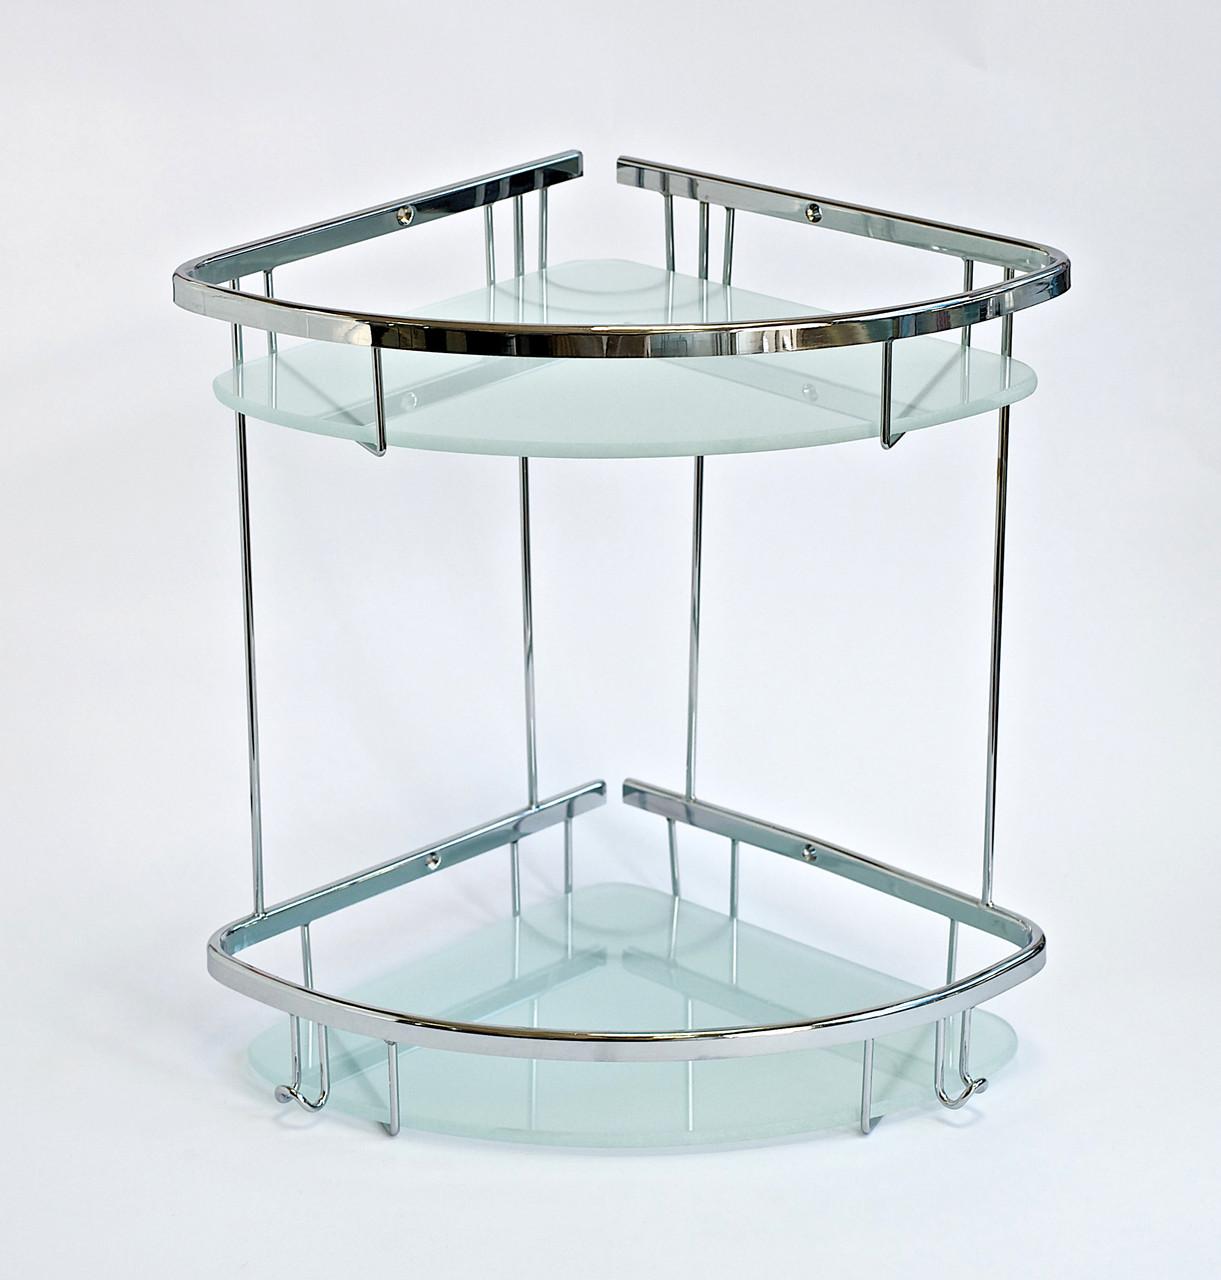 Полка в ванную из латуни двойная со стеклом 22 x 22 см